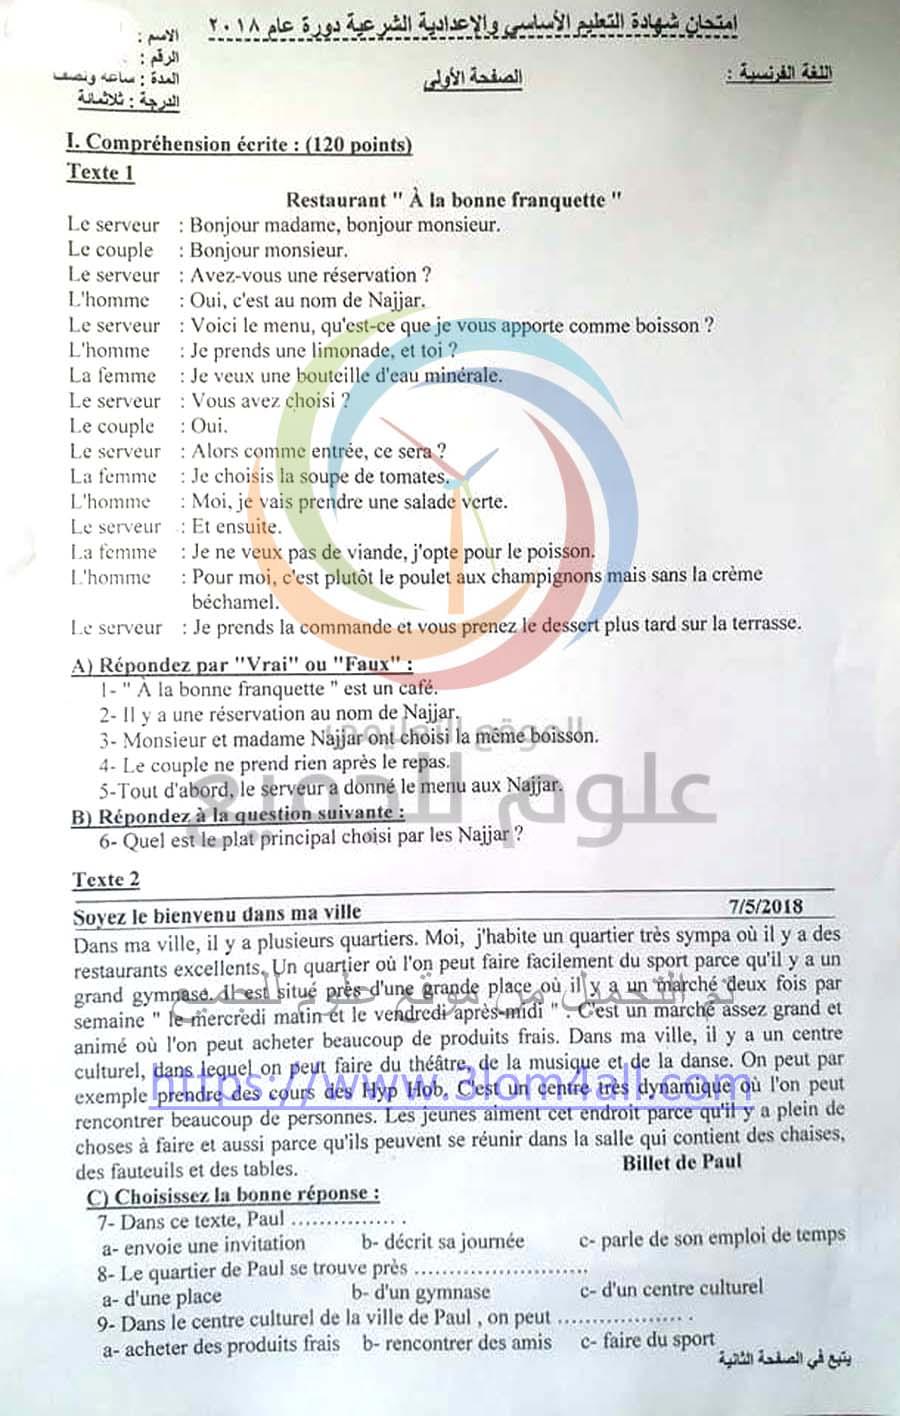 درعا ورقة اسئلة الفرنسي للامتحان النهائي لطلاب شهادة التعليم الأساسي 2018 - التاسع سوريا